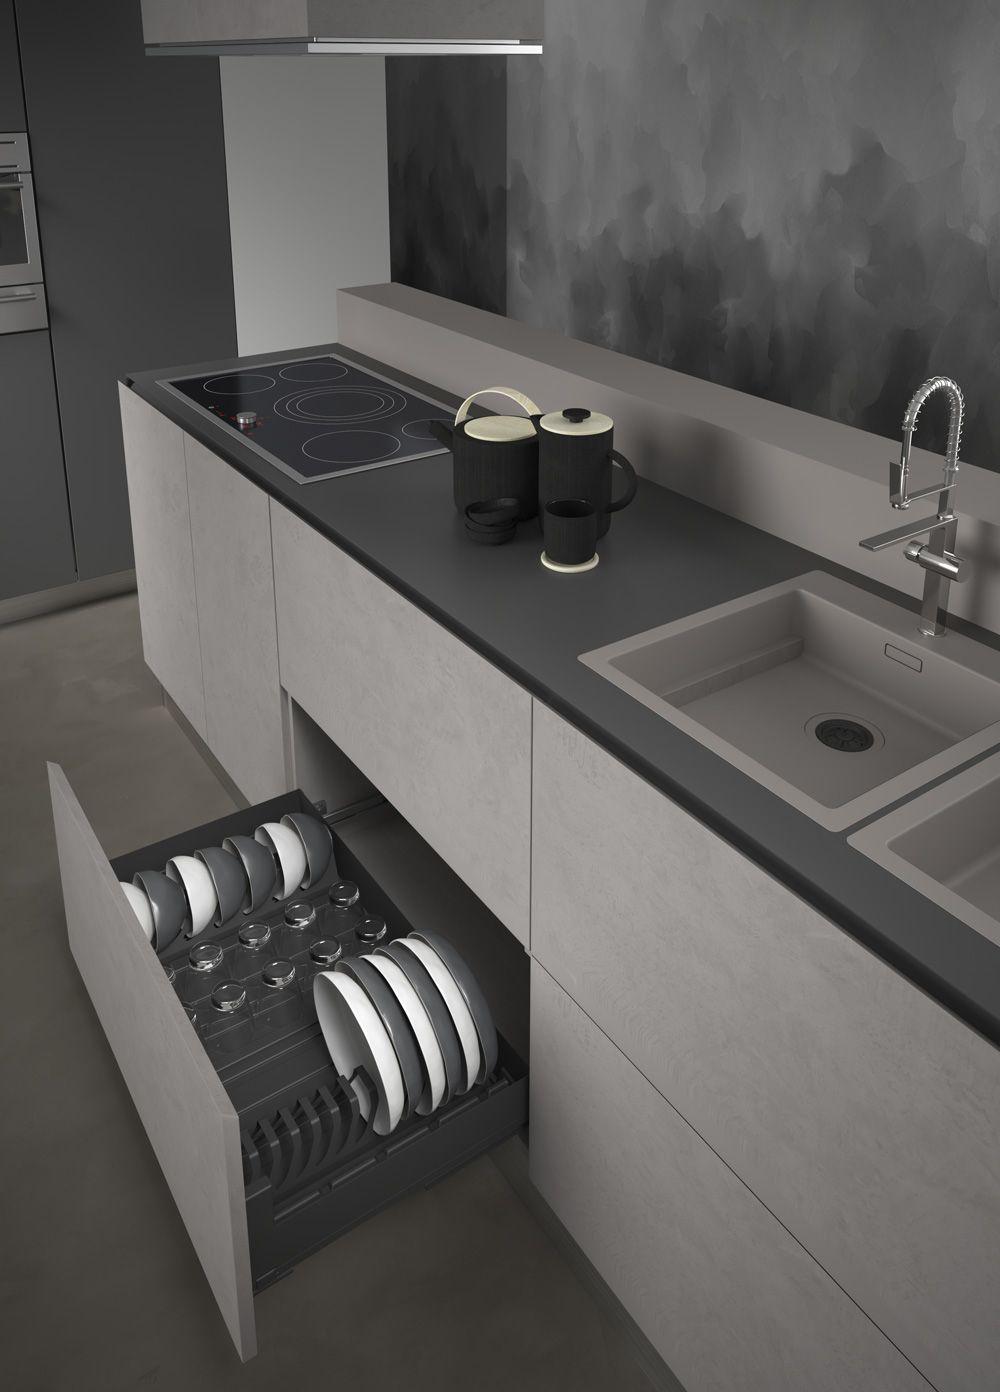 Сушка выдвижная для посуды Scola Pro, с Soft-Close для шкафа шириной 600 мм 564х500х110, grey orion